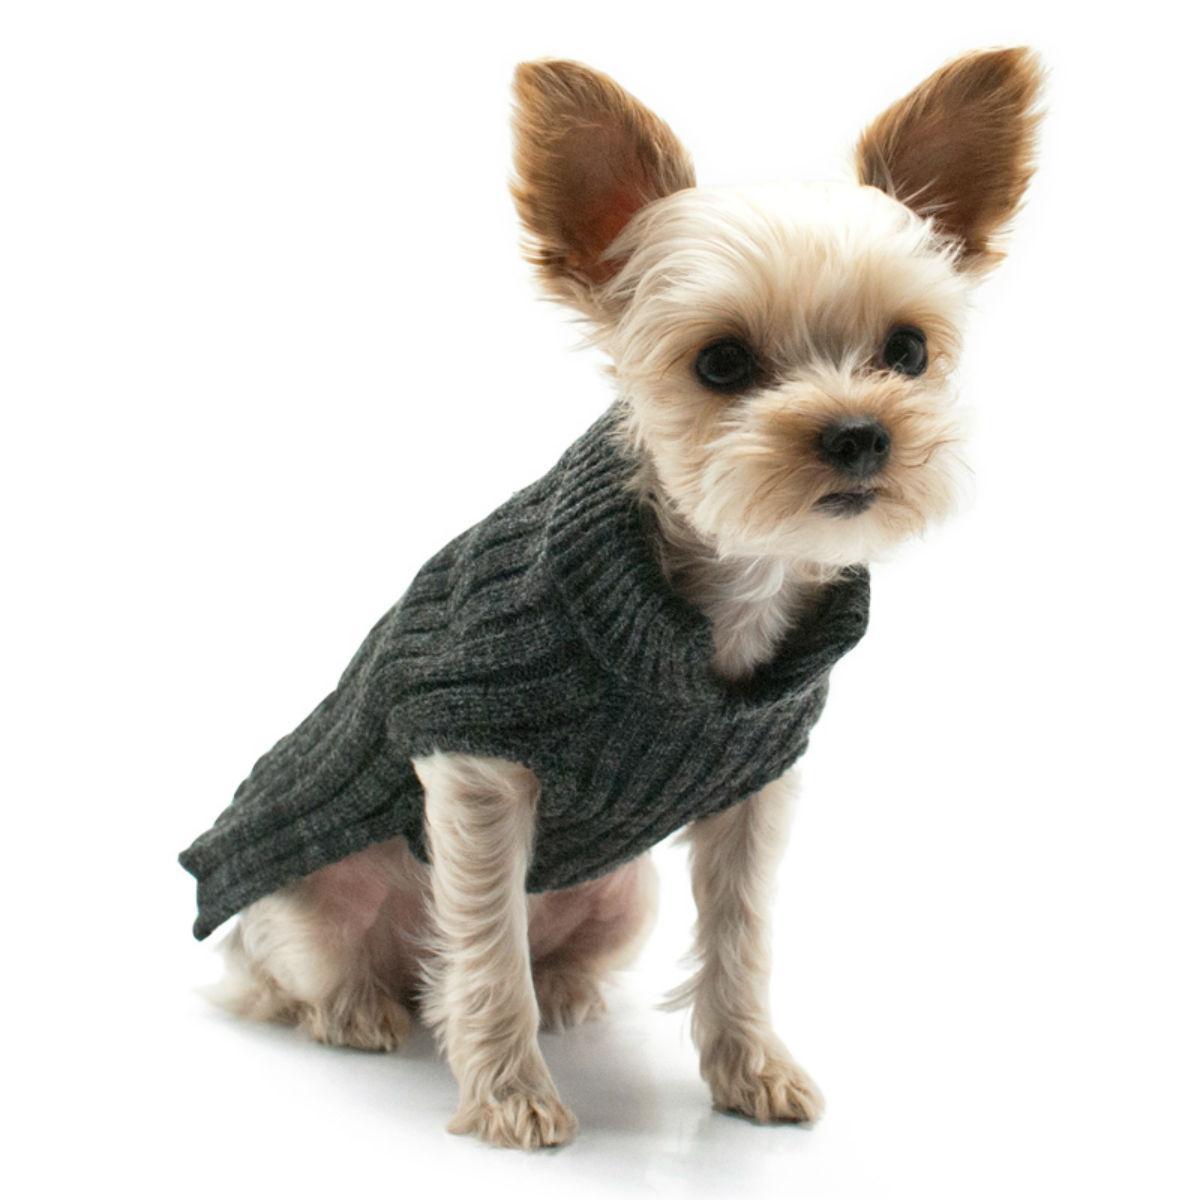 PuppyPAWer Basic Turtleneck Dog Sweater - Charcoal